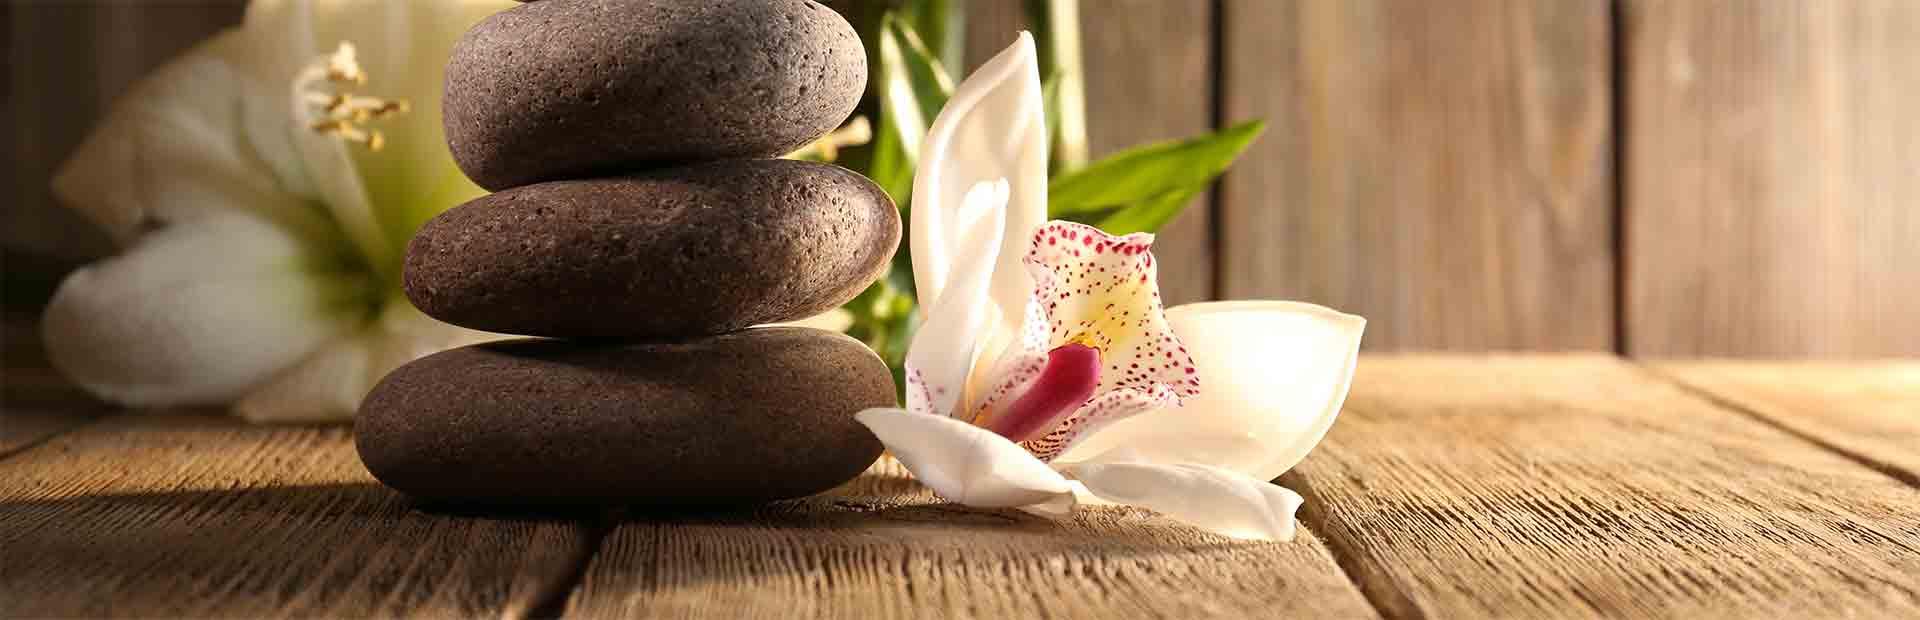 wellness spa free por